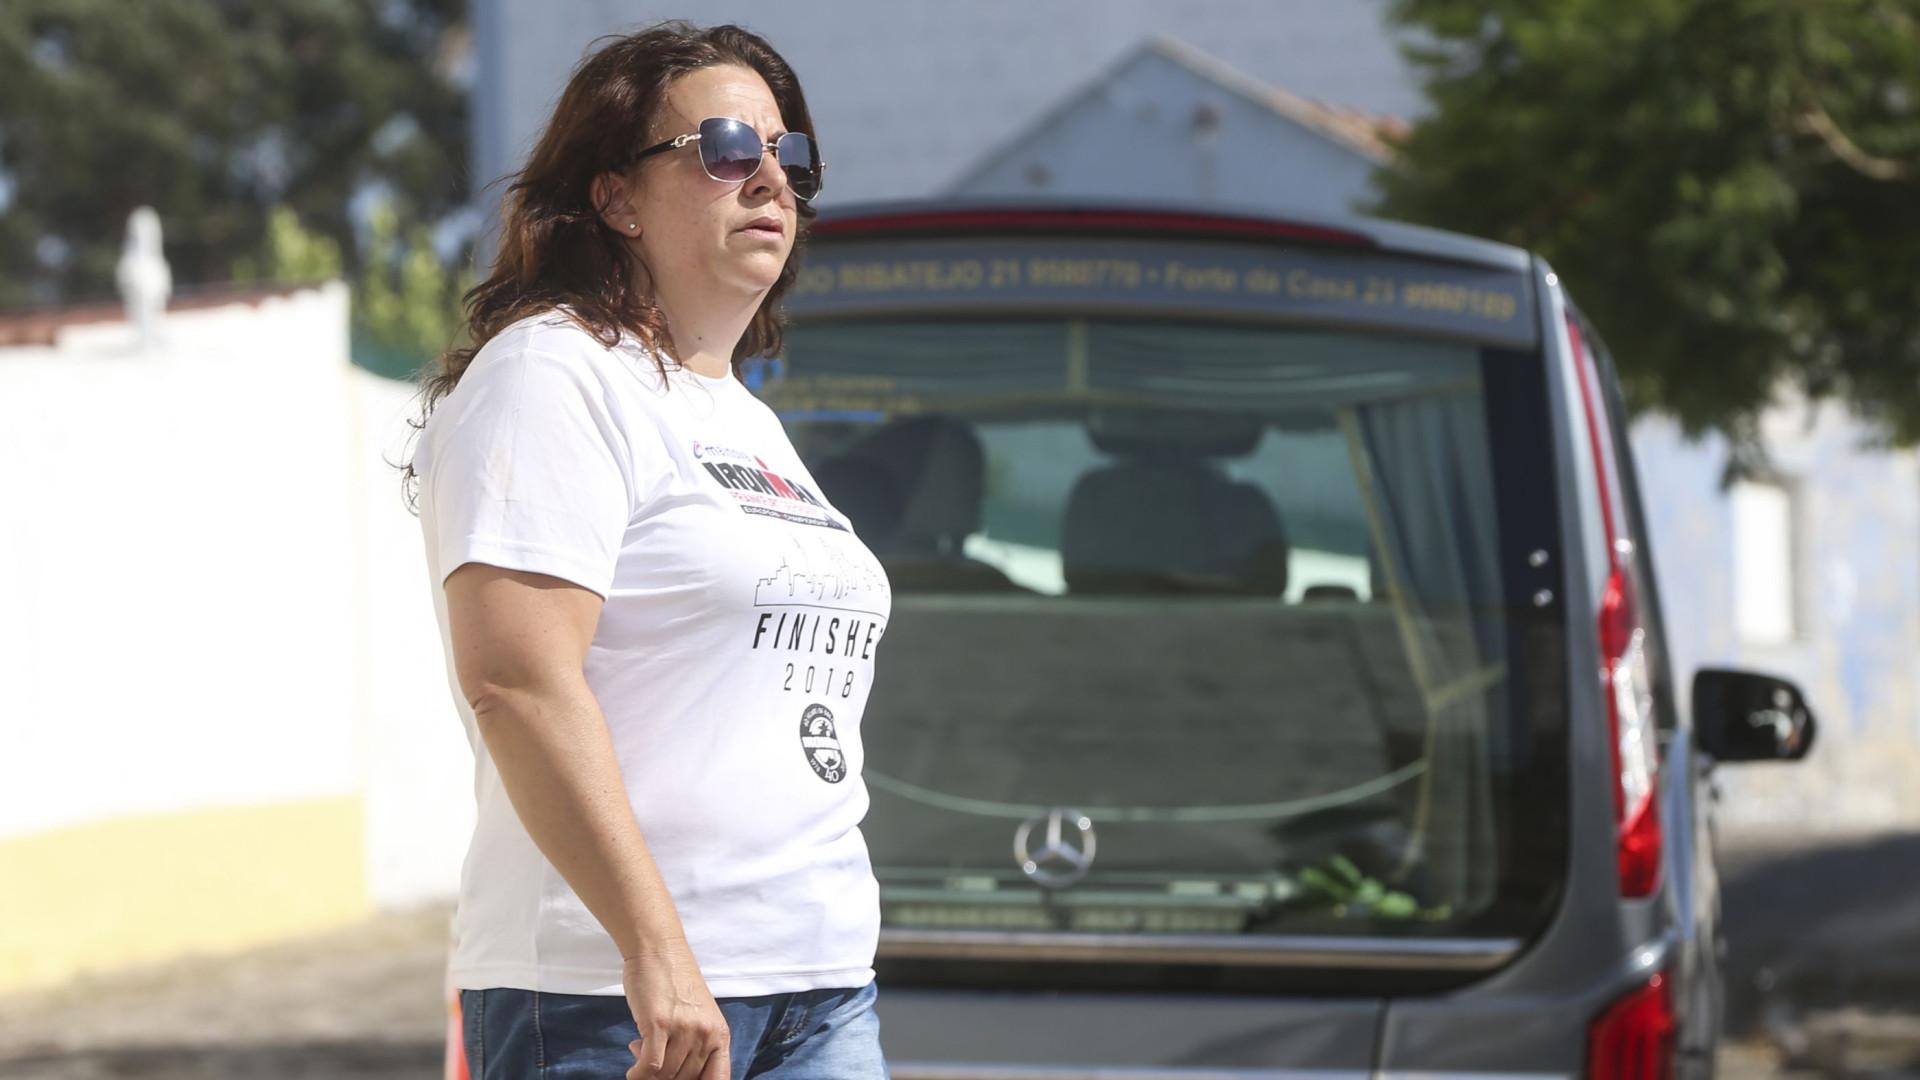 """Rosa Grilo acusa PJ de """"agarrar dois idiotas"""" para acusá-los de homicídio"""